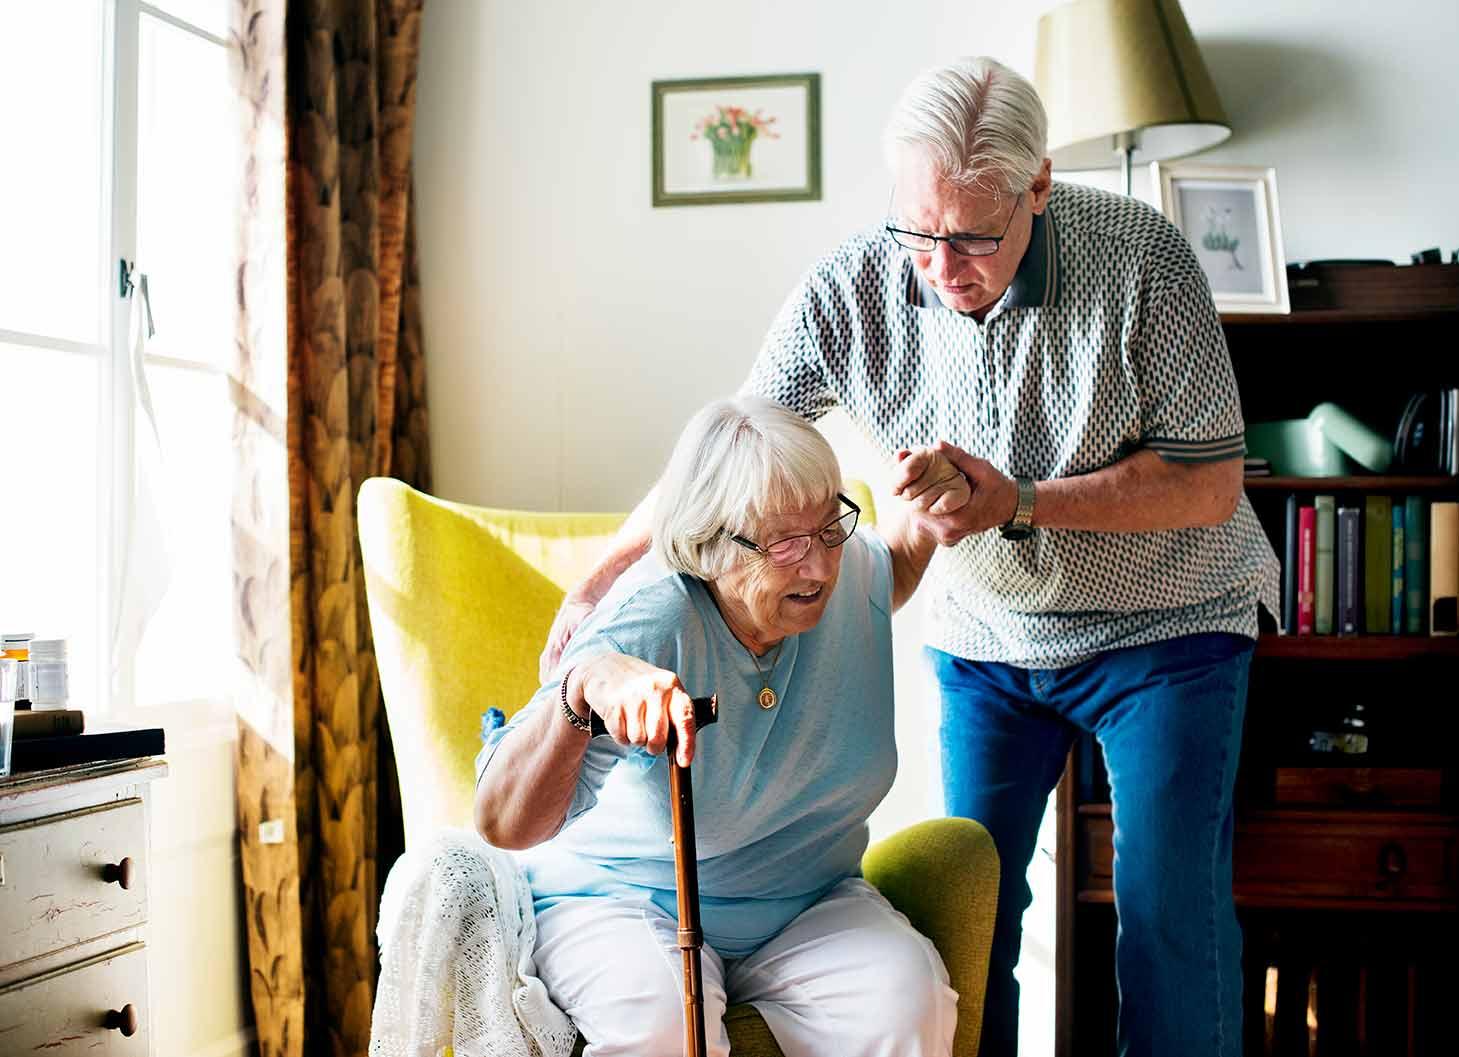 ¿Cómo la enfermedad de Parkinson afecta la movilidad y el sentido de equilibrio?